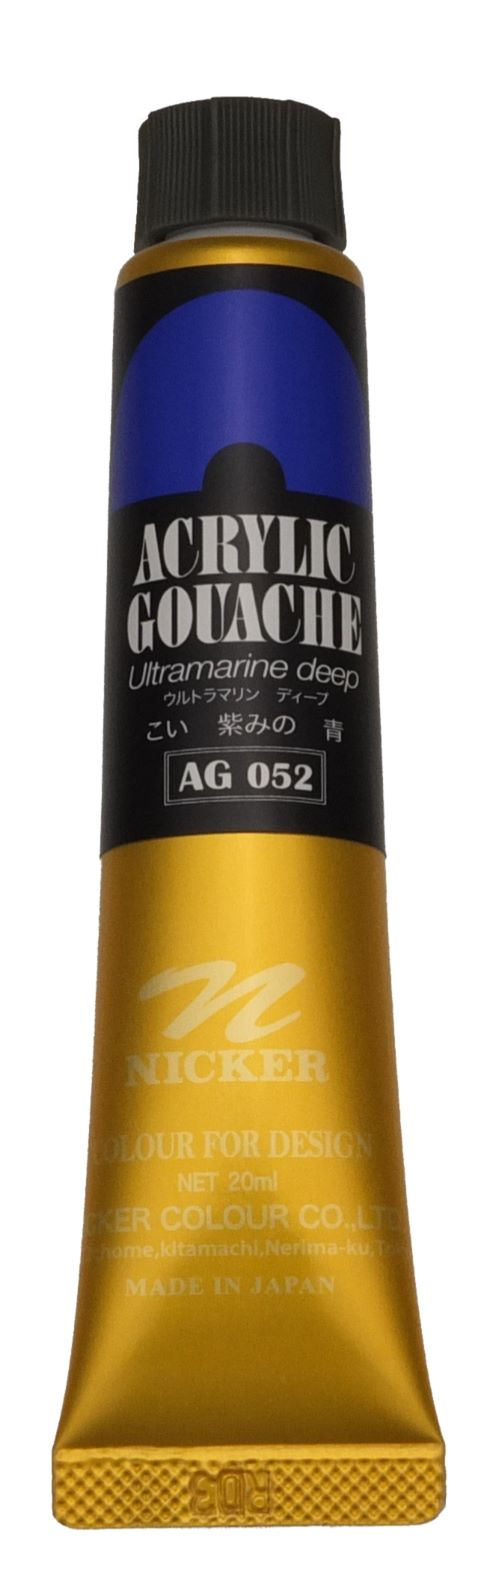 <Discontinued> ACRYLIC GOUACHE 20ml AG052 ULTRAMARINE DEEP